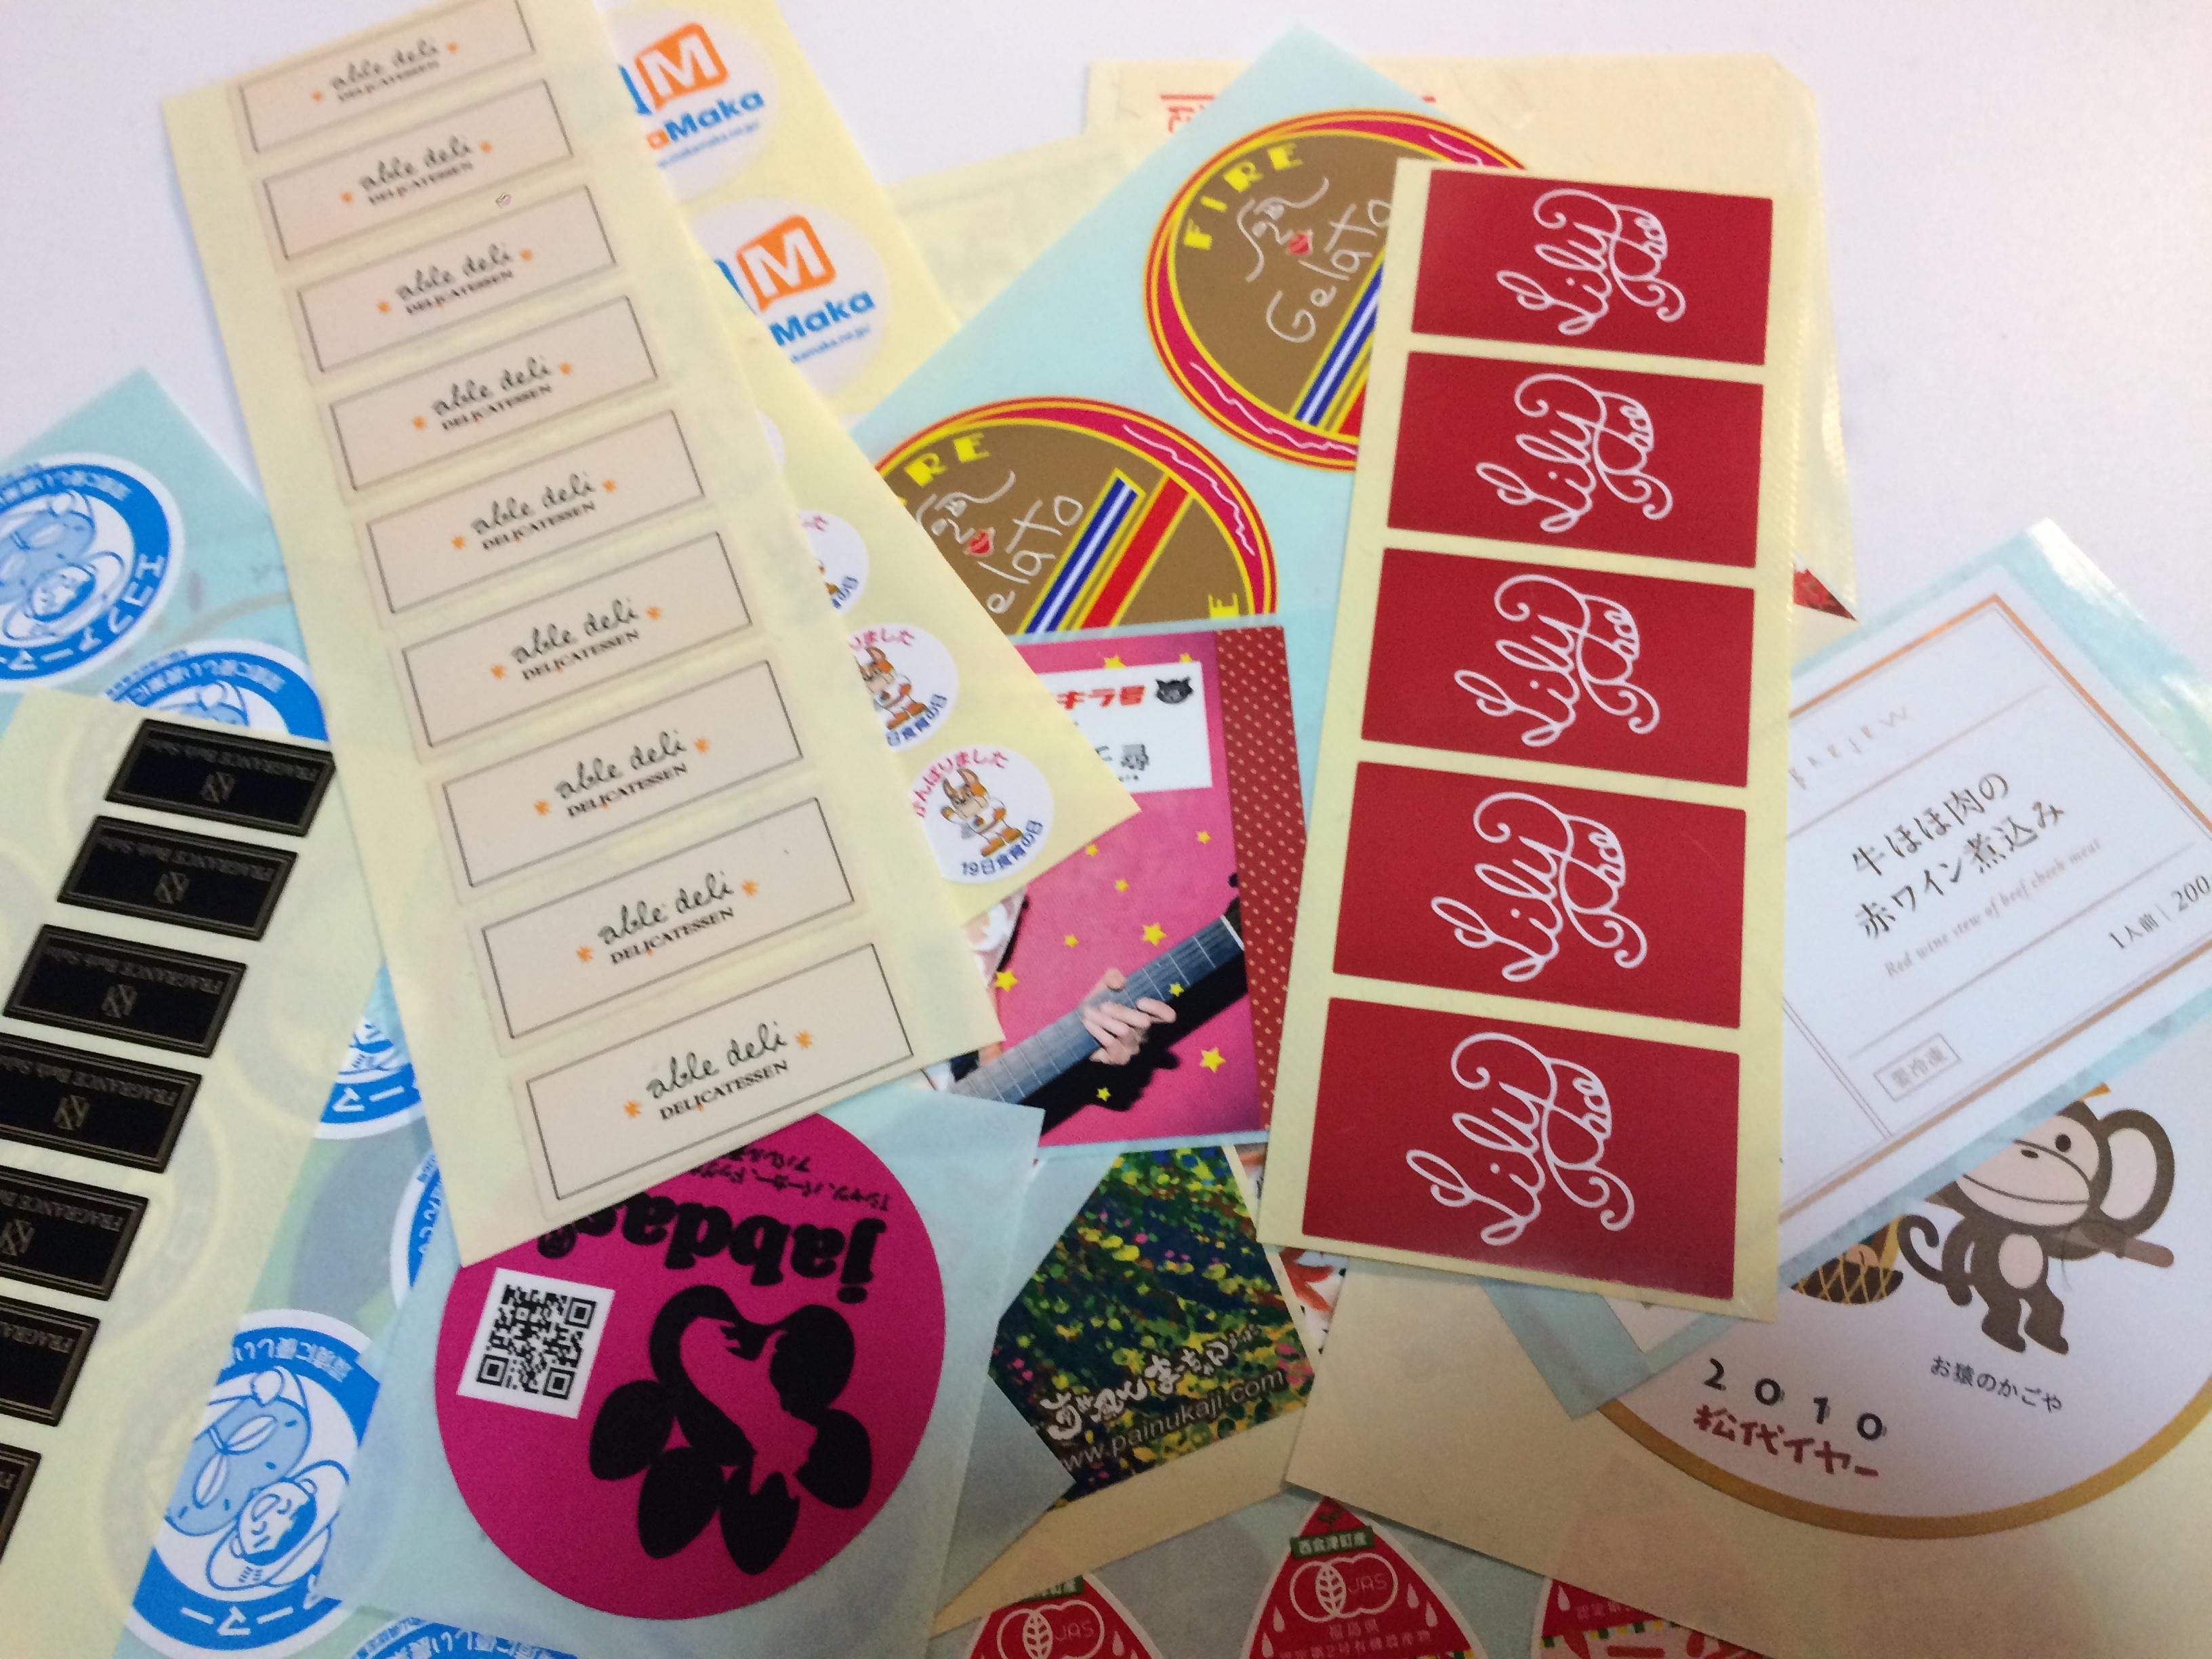 様々なジャンルのシールを大量印刷可能なシール印刷機で格安制作